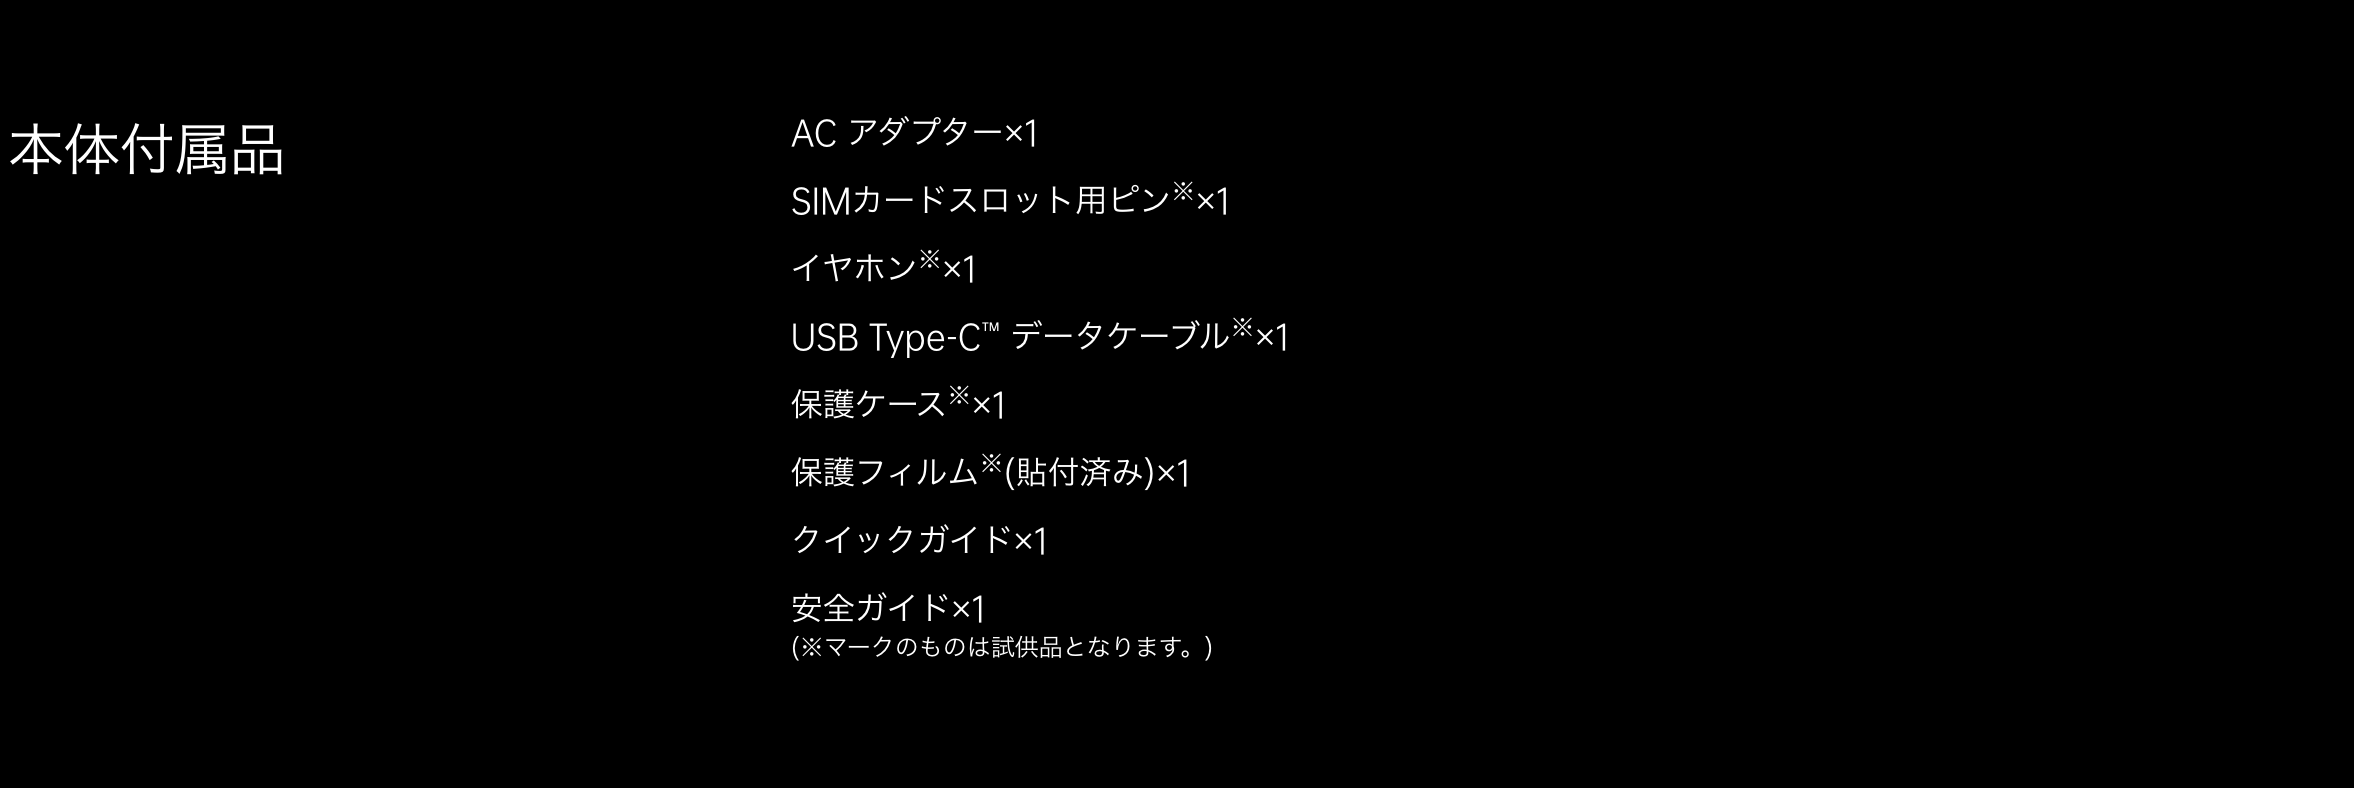 f:id:Azusa_Hirano:20200721011128p:plain